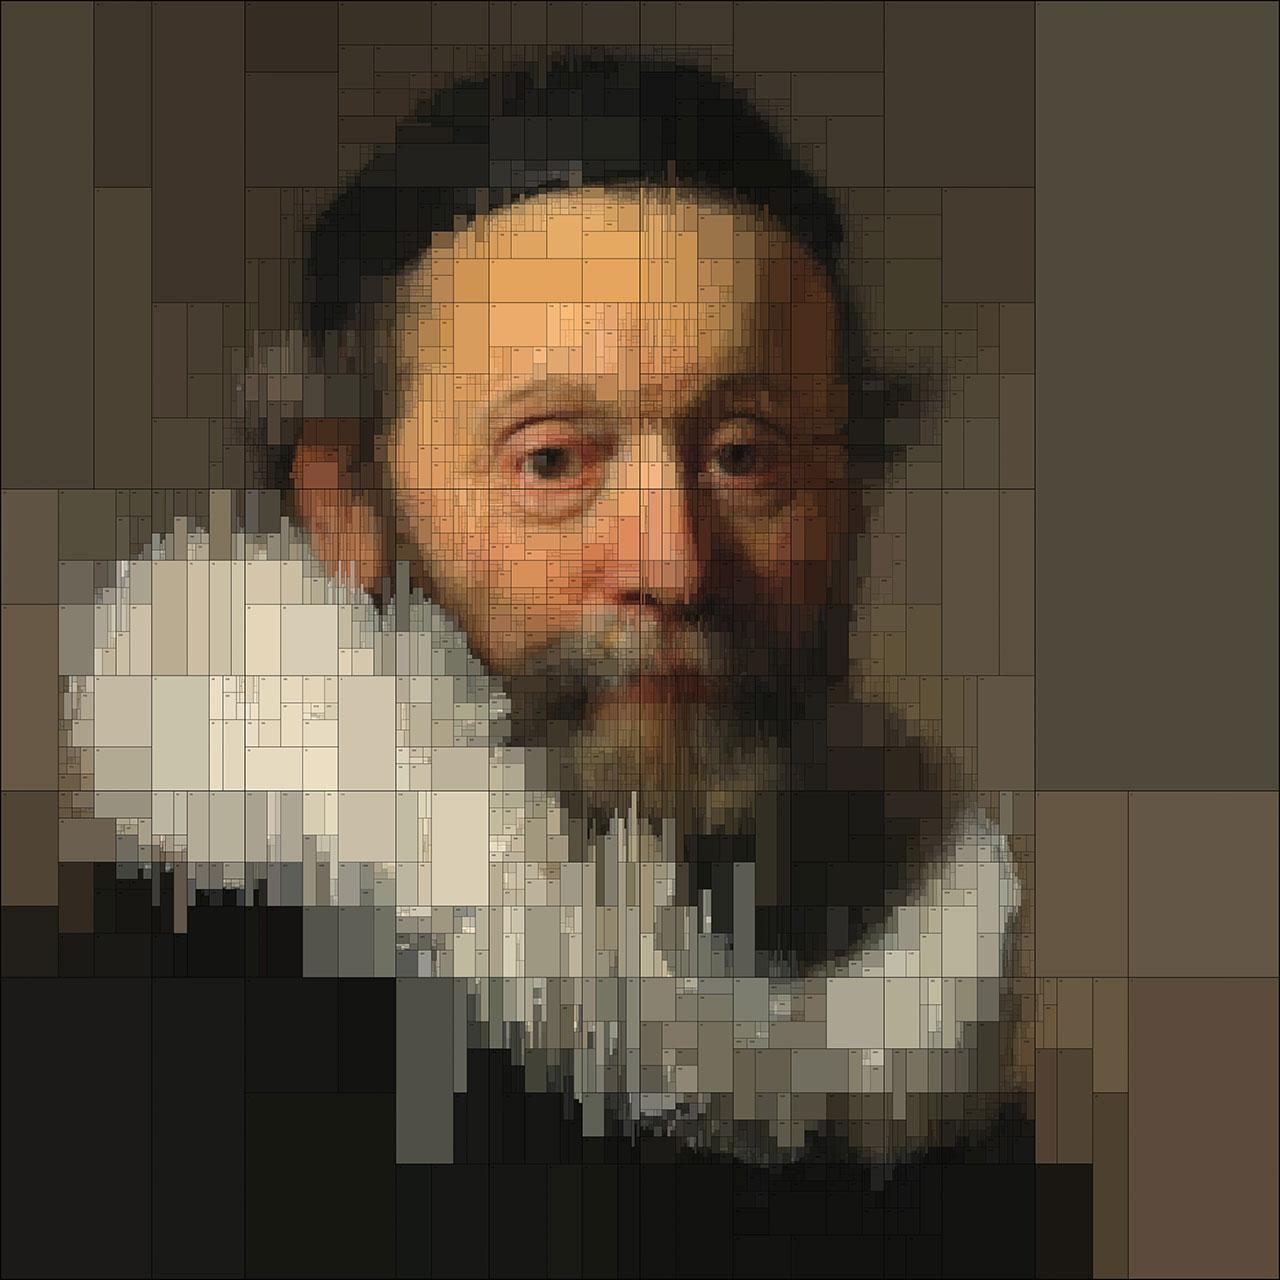 Johannes(detail), from Portraits series by Dimitris Ladopoulos (Original painting -Portrait of Johannes Wtenbogaertby Rembrandt Harmensz van Rijn,1633).